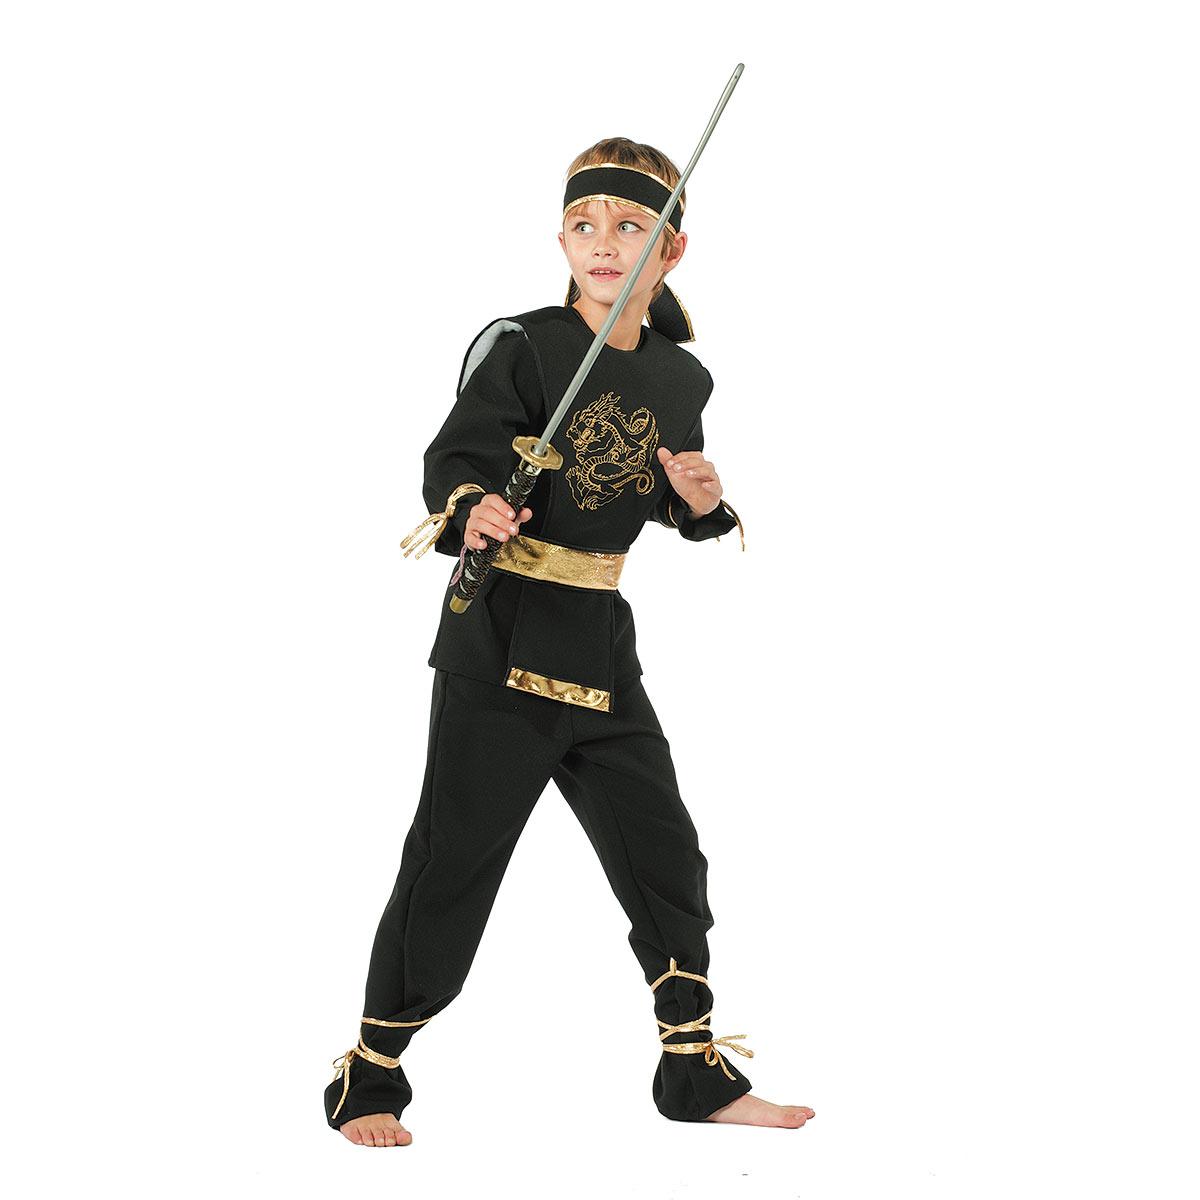 ninja kost m kinder schwarz mit drachen motiv kost mplanet. Black Bedroom Furniture Sets. Home Design Ideas